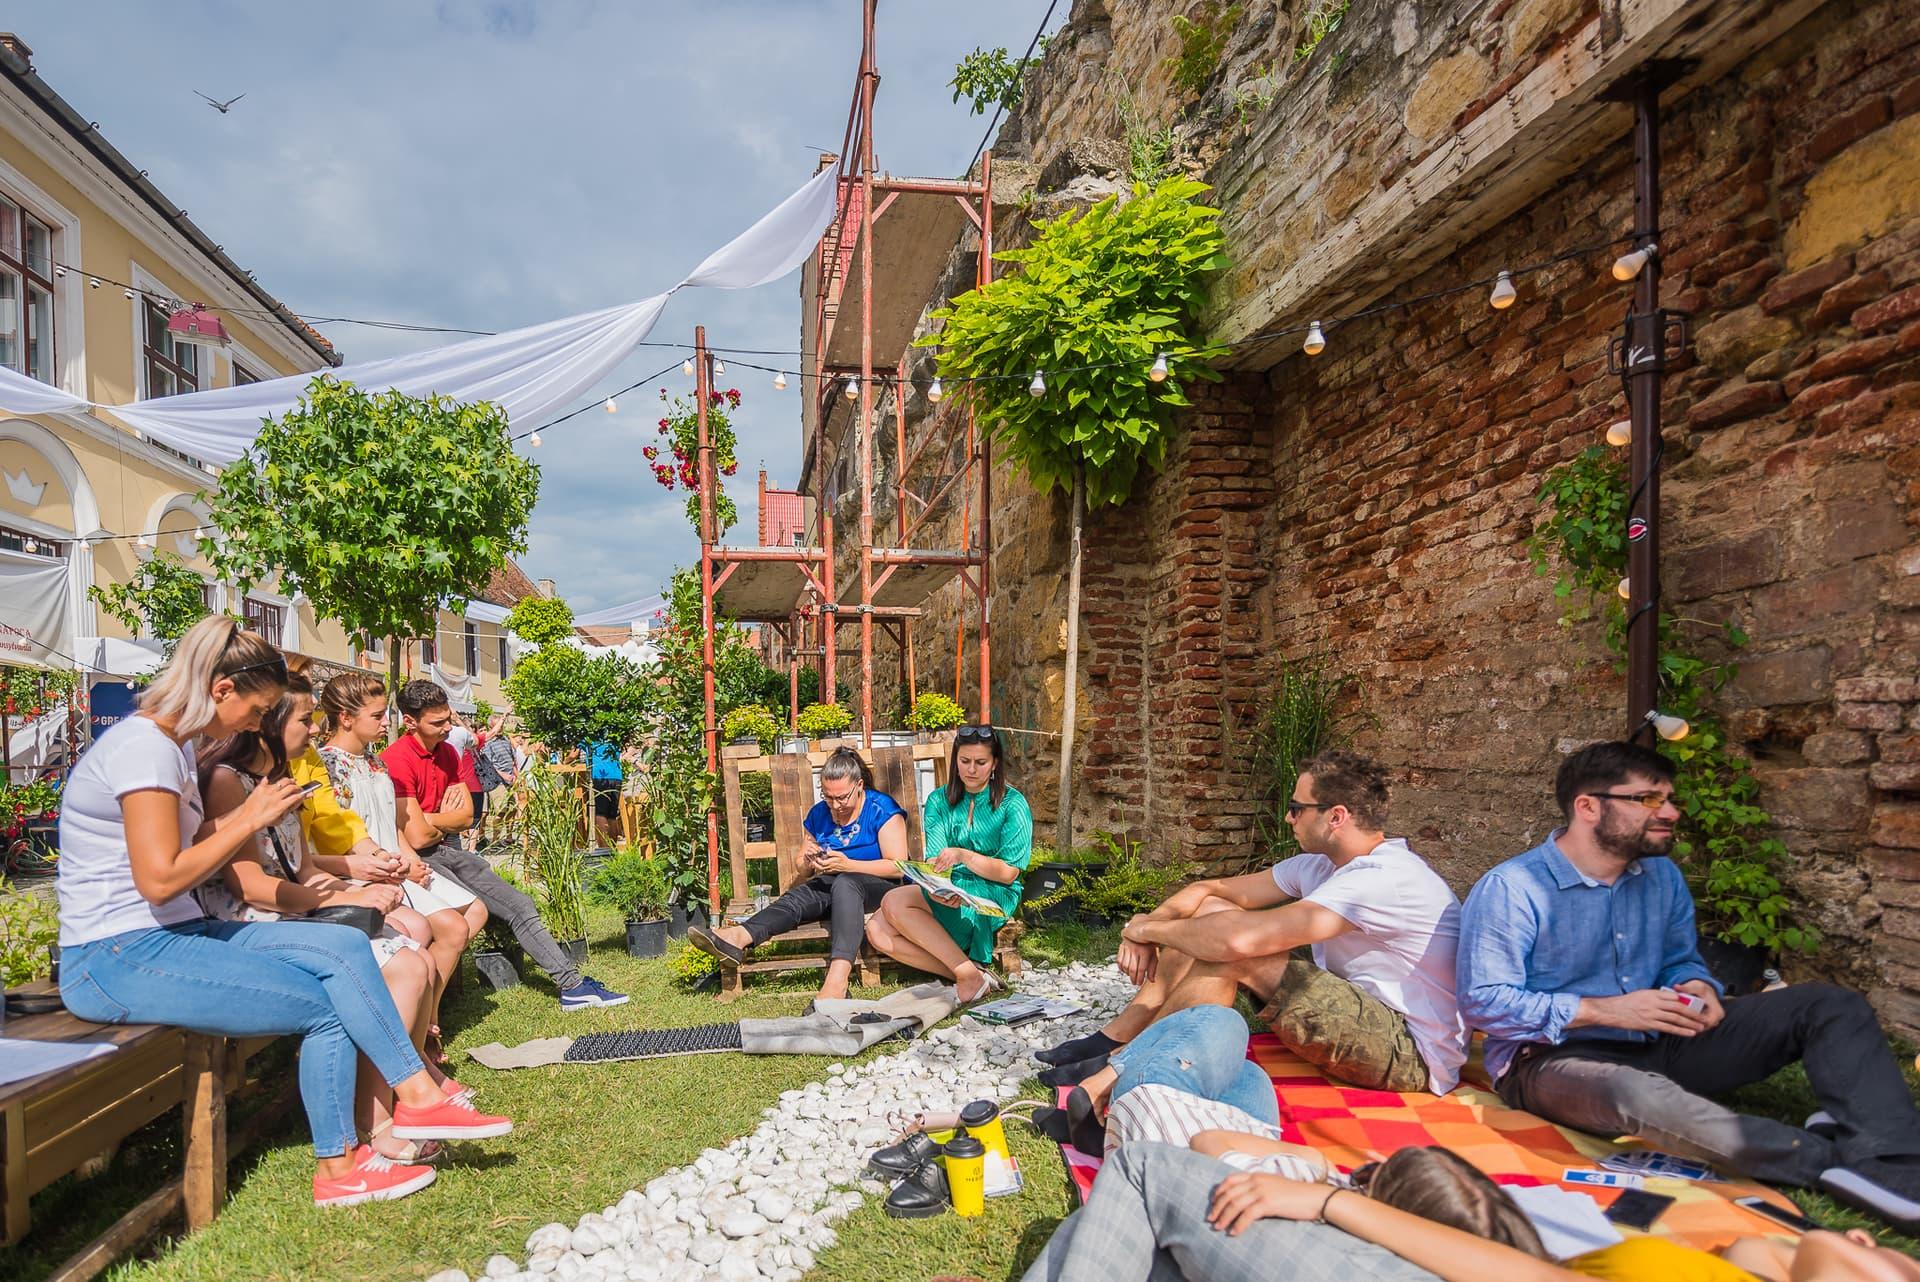 Descoperă Strada Potaissa – Piața de flori altfel, un proiect inspirat de seria de evenimente street delivery